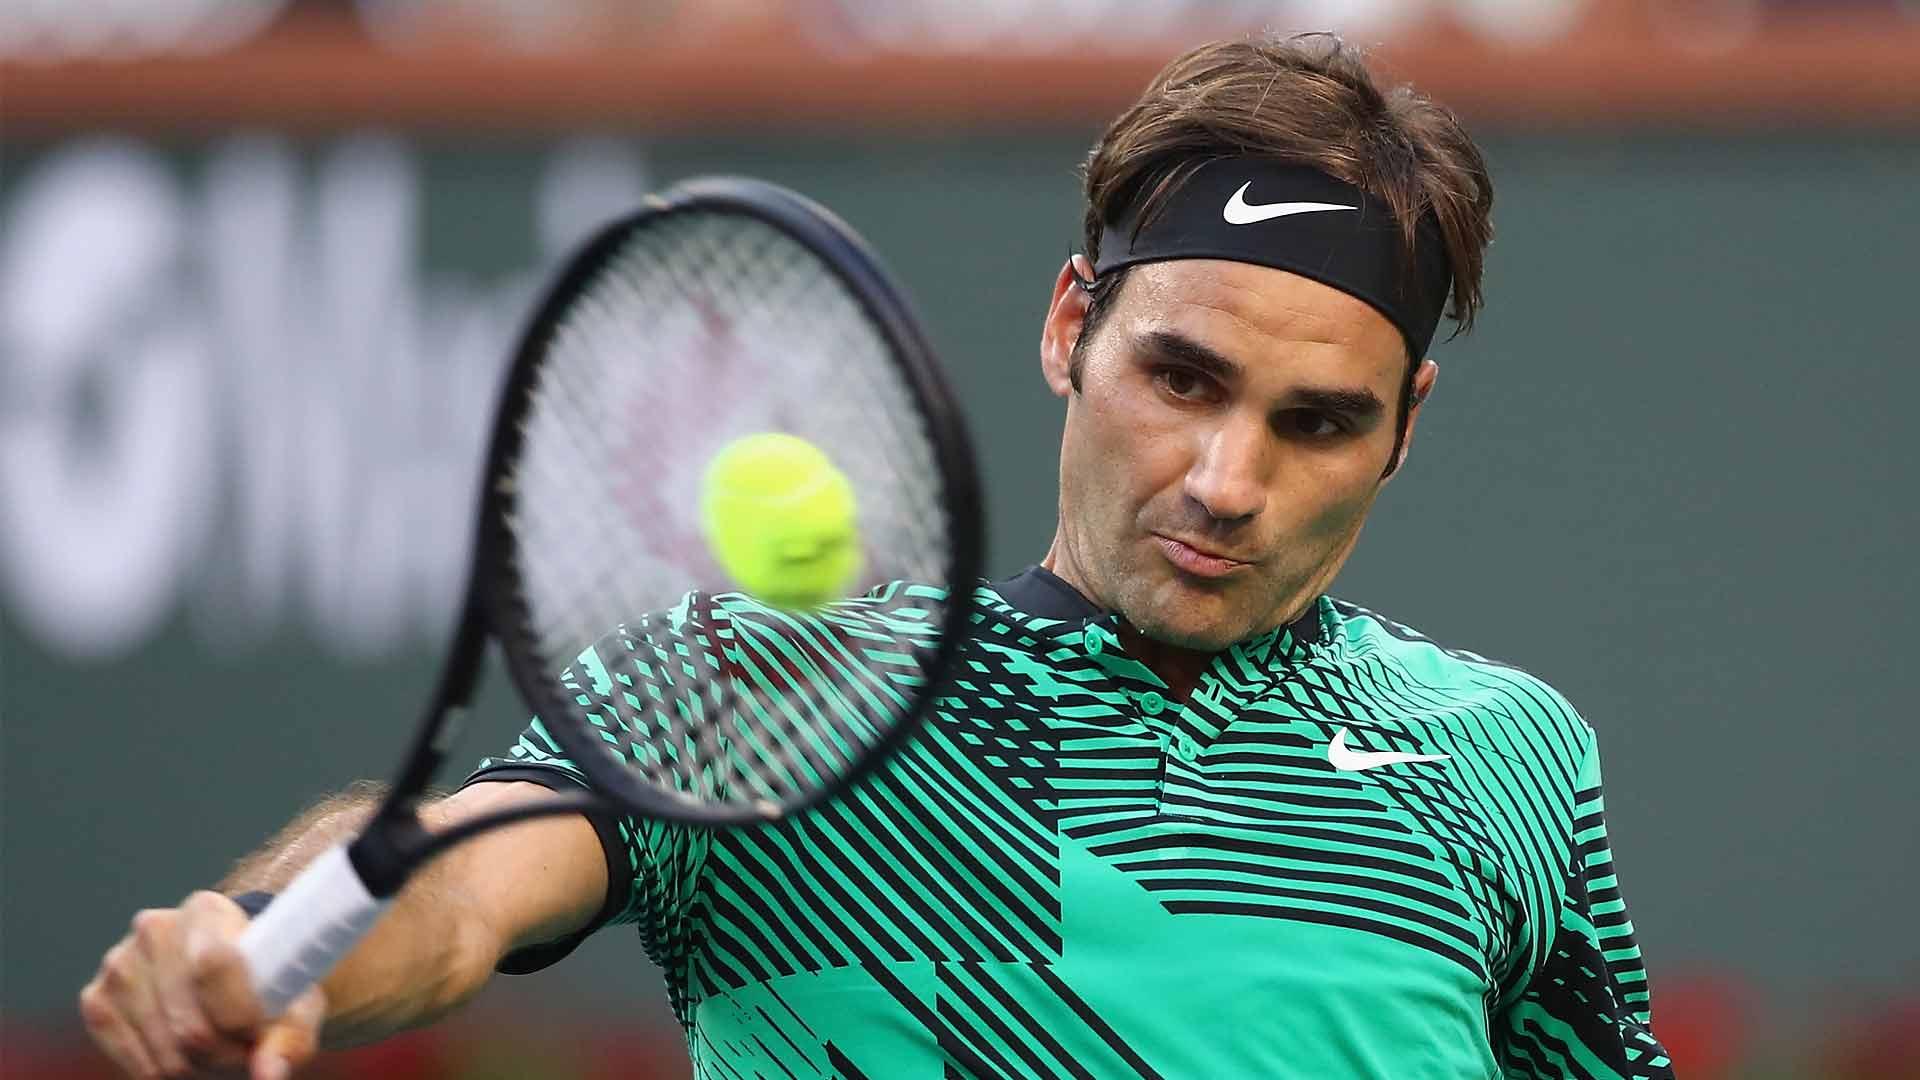 Federer Racquet Impact